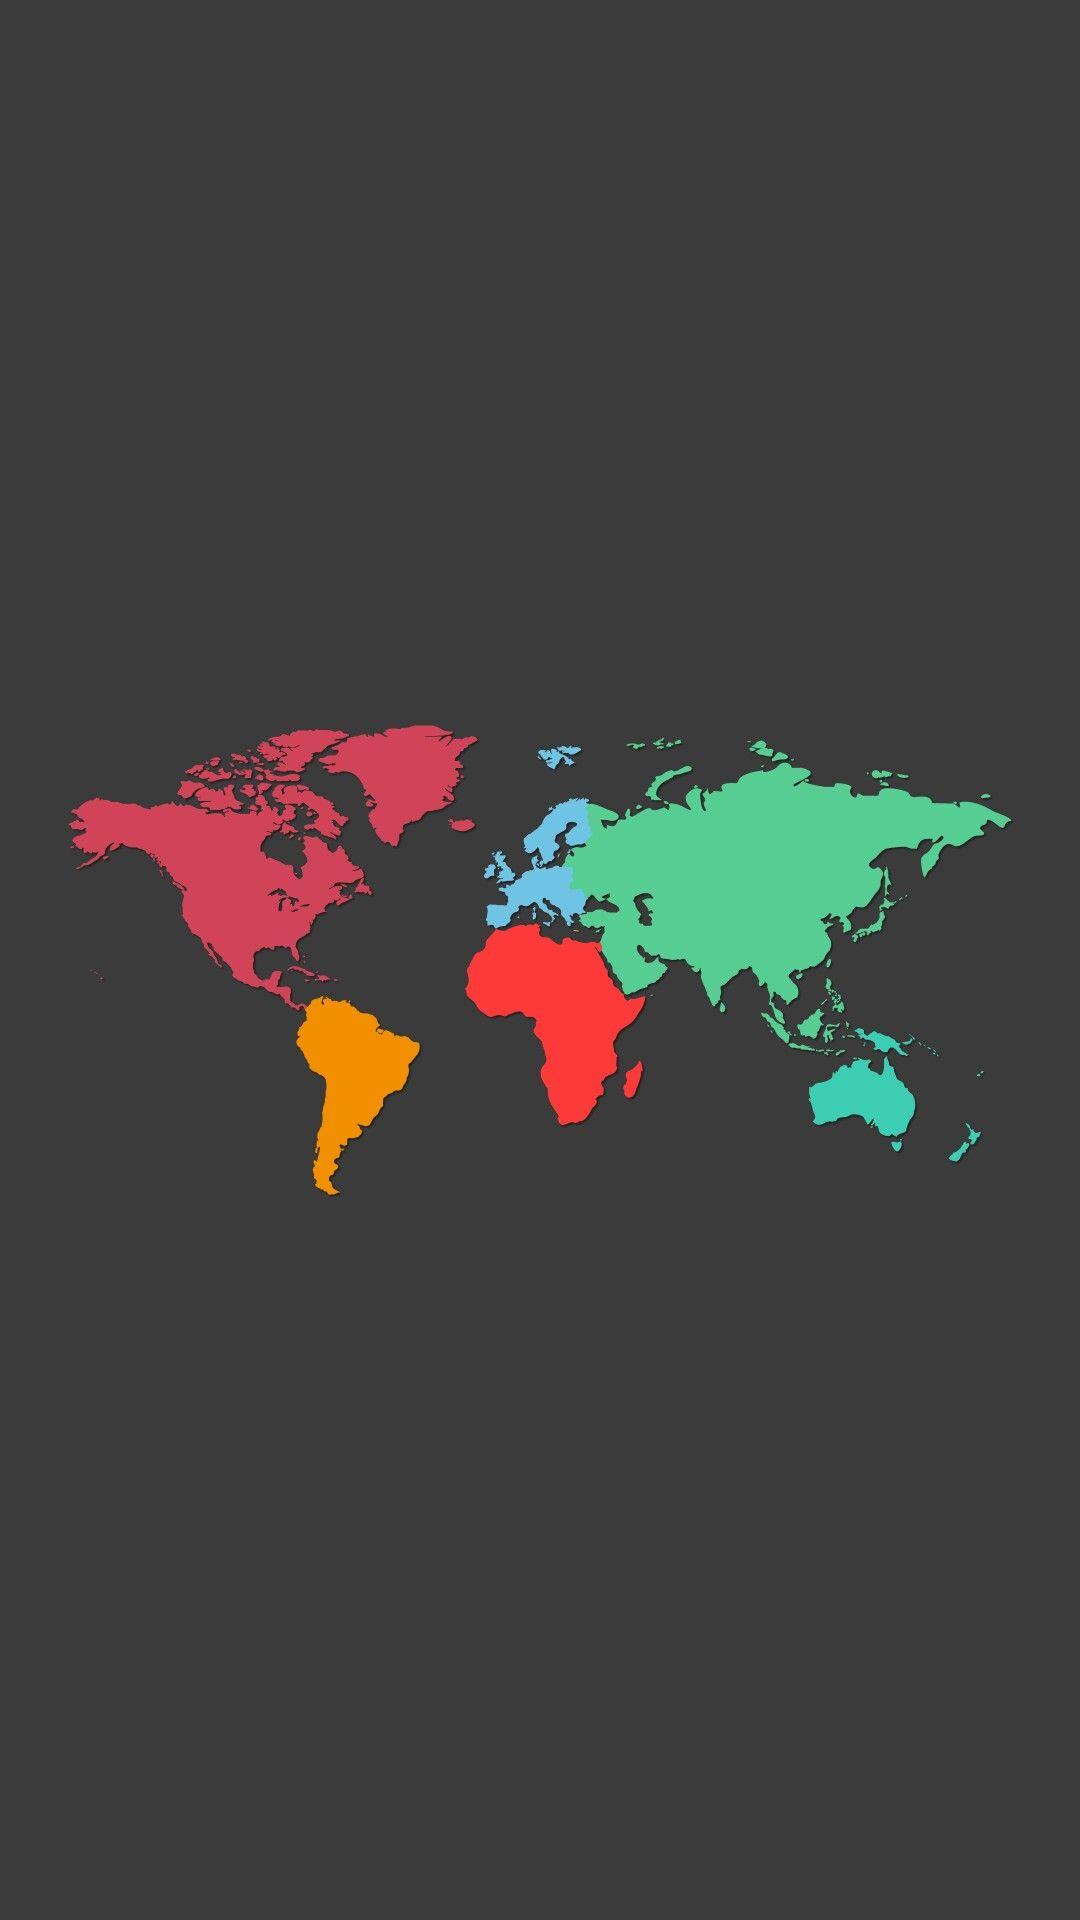 World Wallpaper Con Imagenes Fondos De Cuadros Fondo De